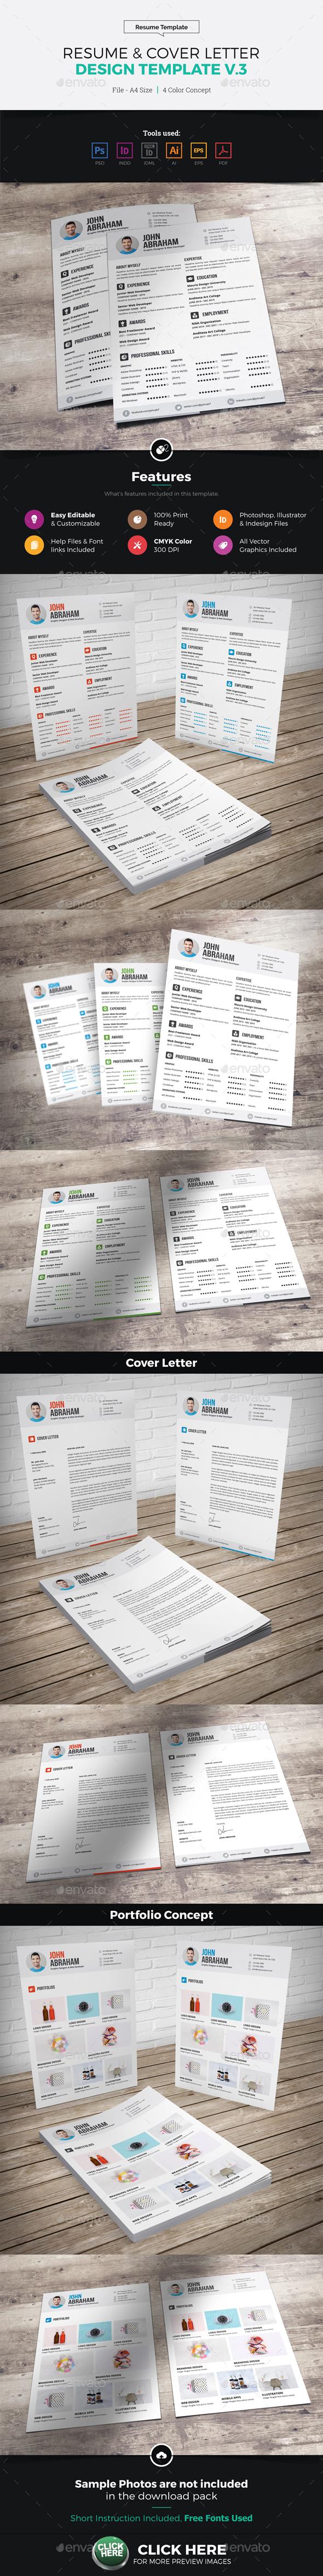 Resume & Cover Letter Design v3 - Resumes Stationery